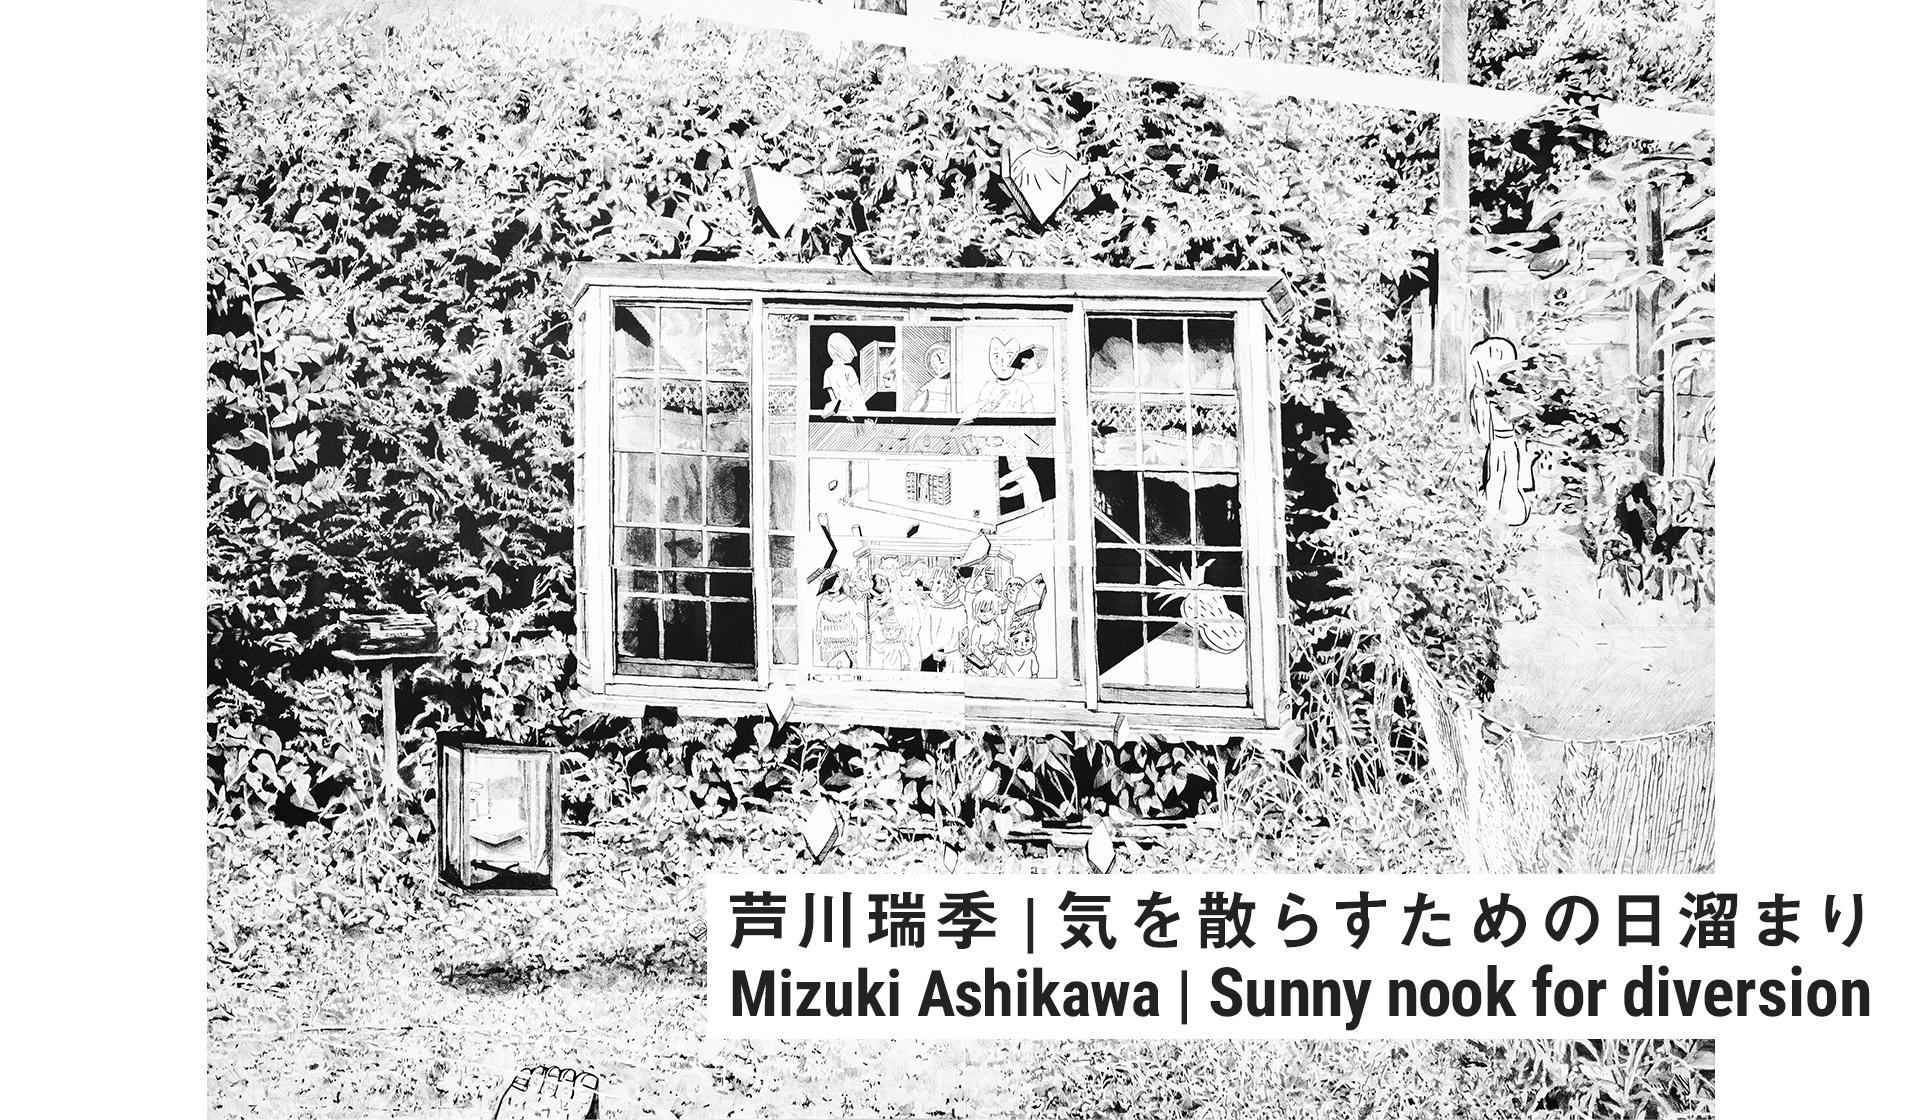 芦川瑞季   気を散らすための日溜まり